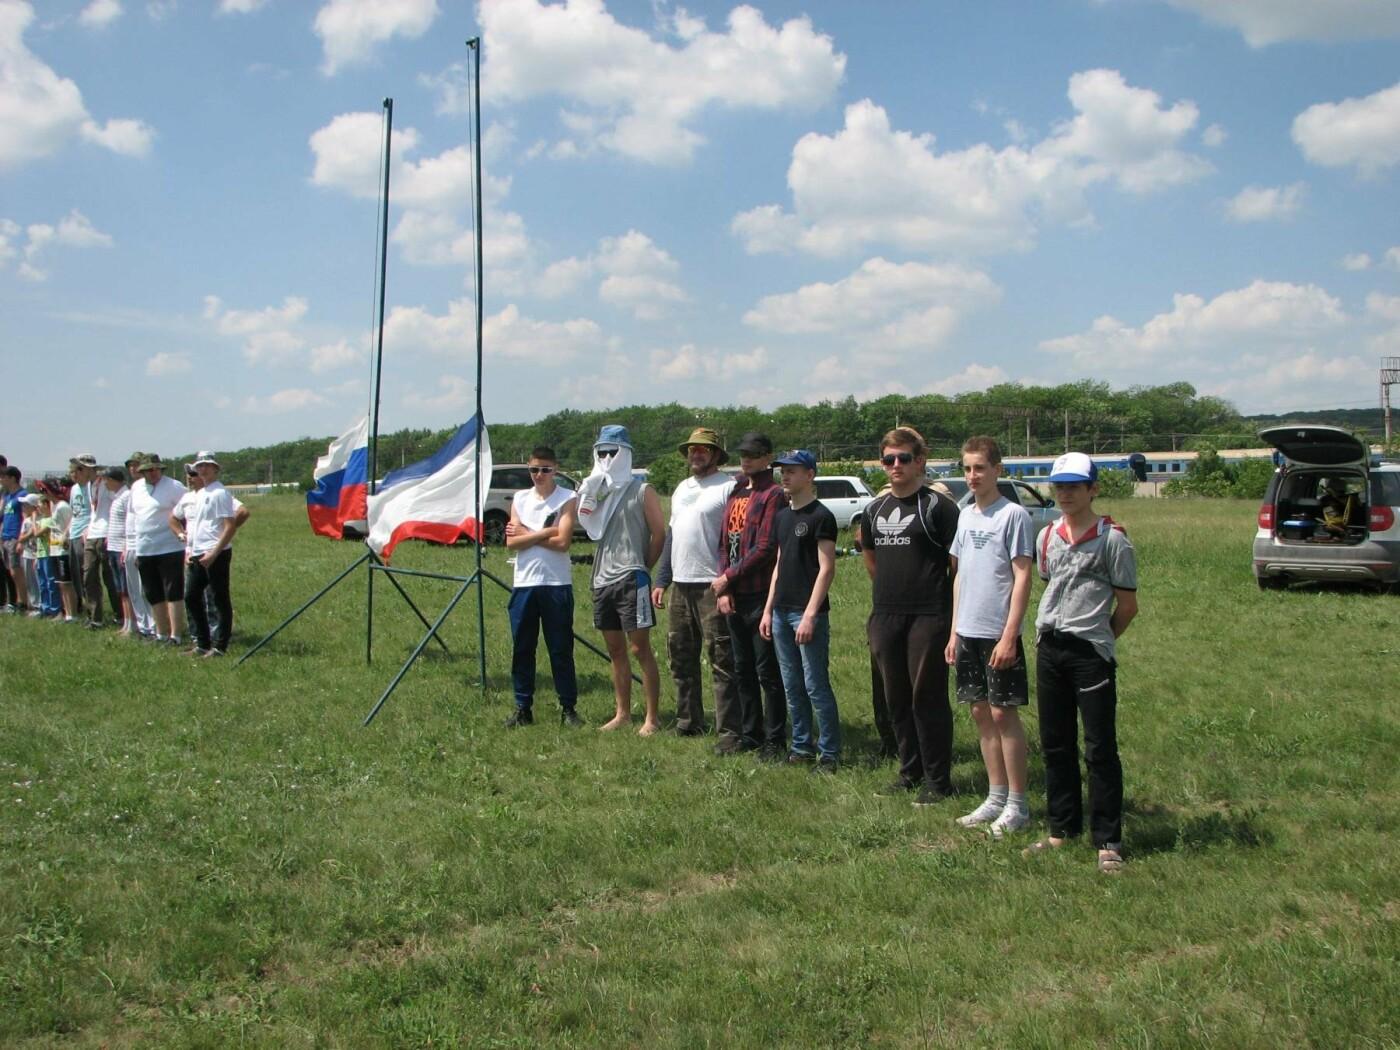 Ялта заняла третье место в Крымских соревнованиях по радиоуправляемым моделям самолетов, фото-4